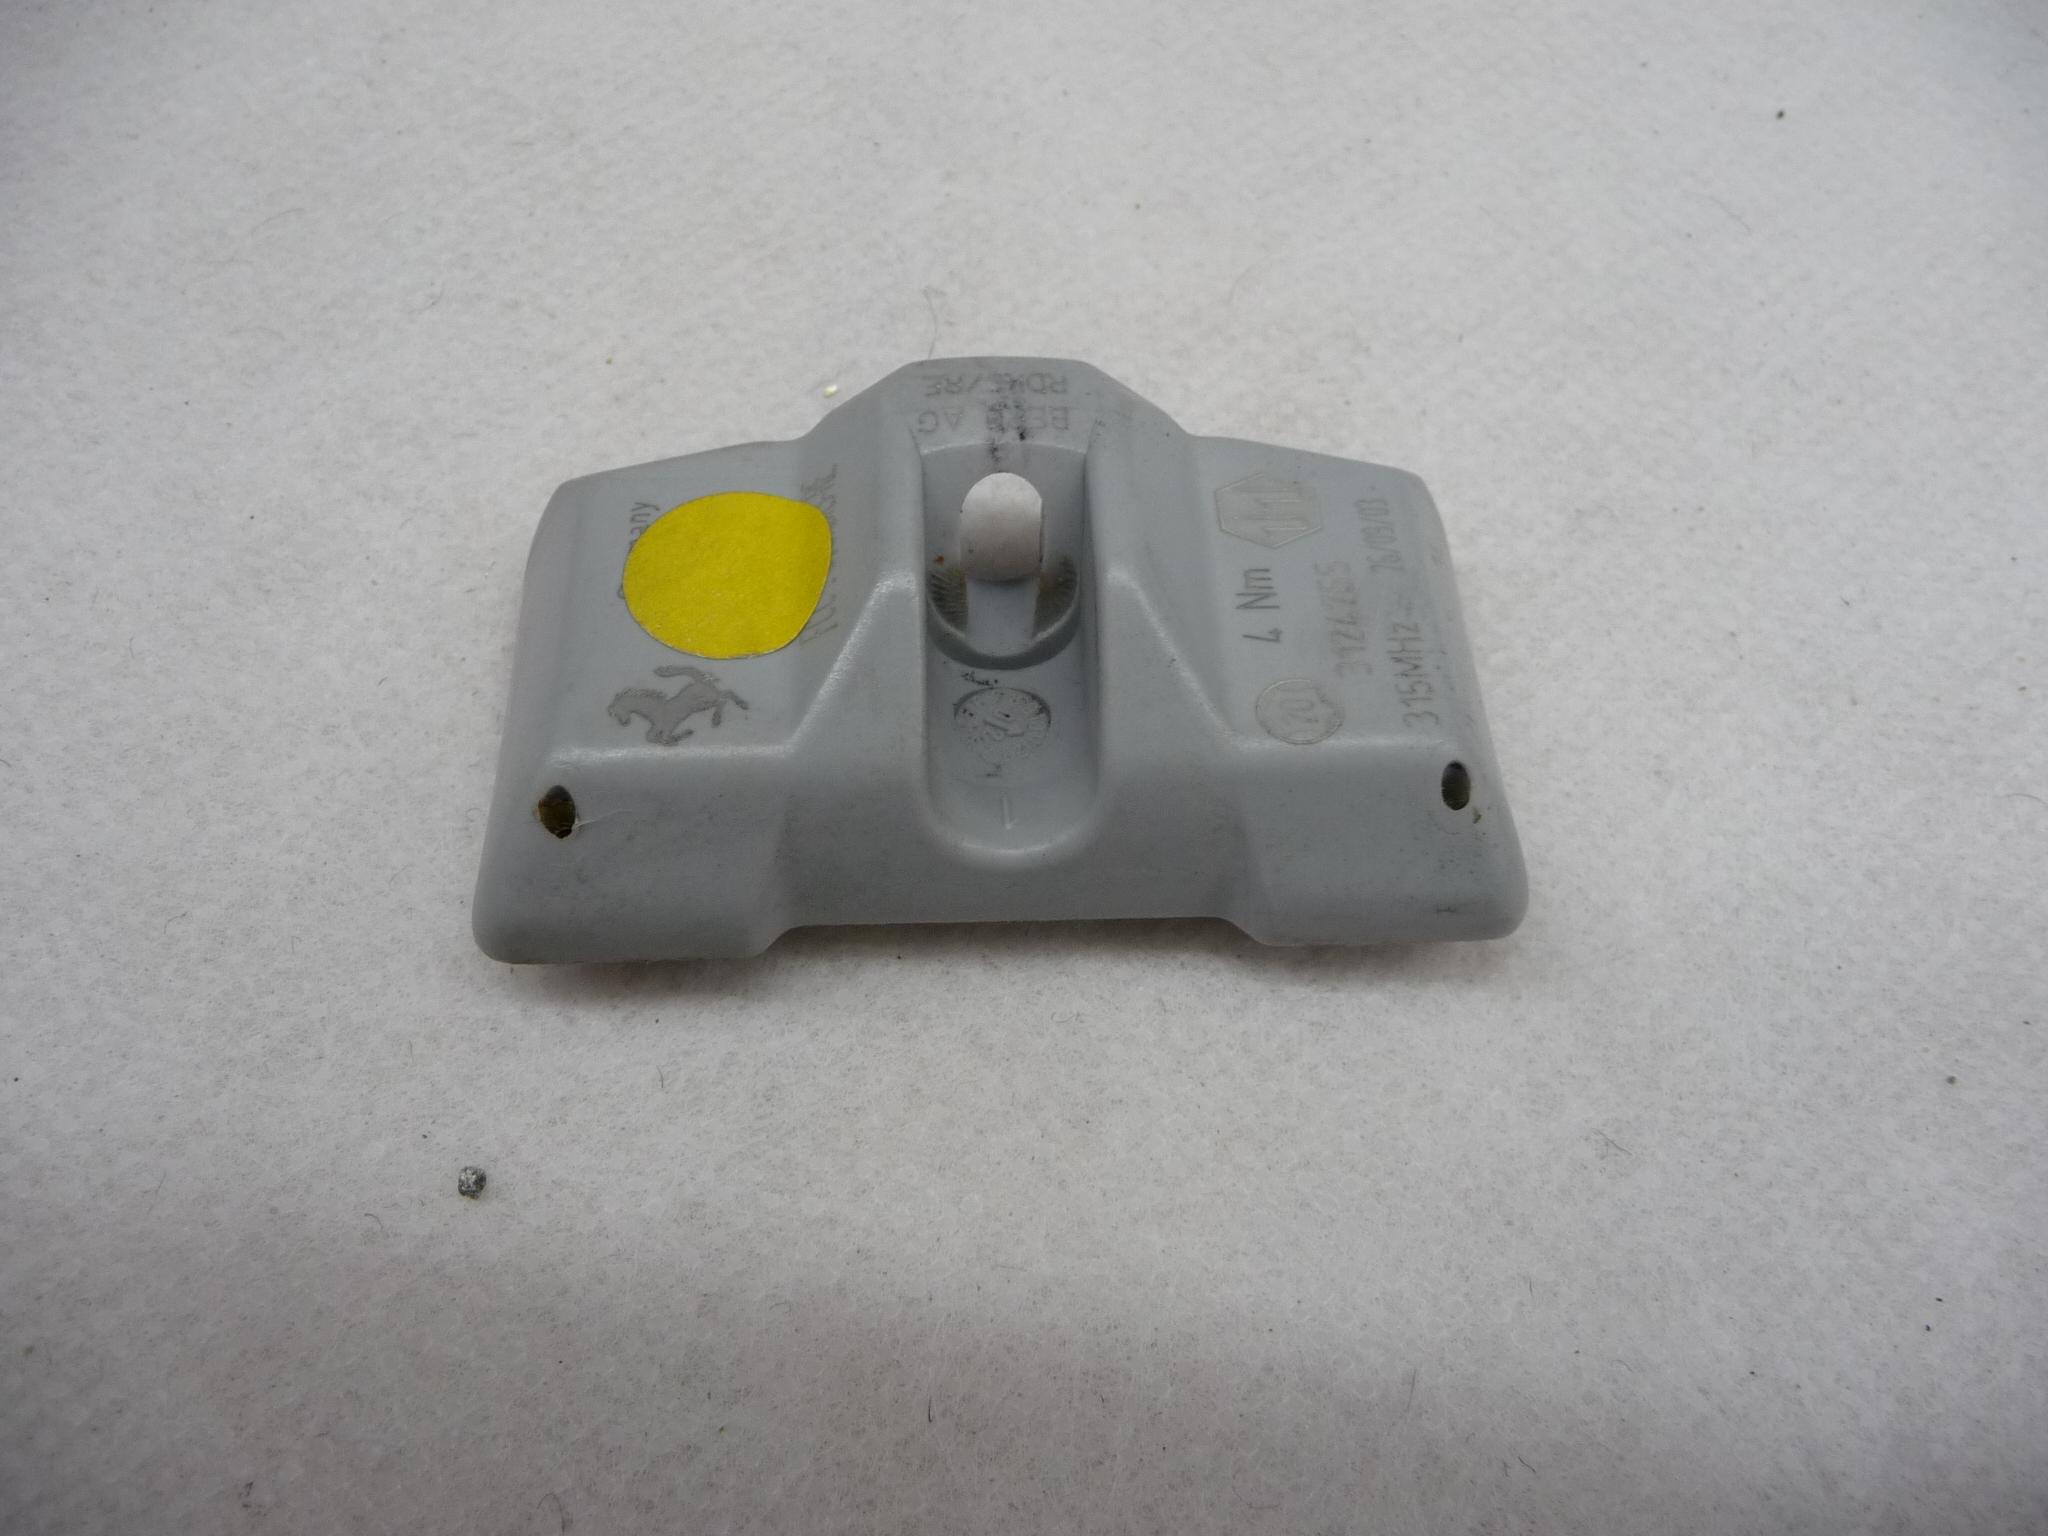 2006 2007 2008 2009 Ferrari F430 430 Tire Pressure Control Sensor Scuderia 599 224548 - Used Auto Parts Store | LA Global Parts